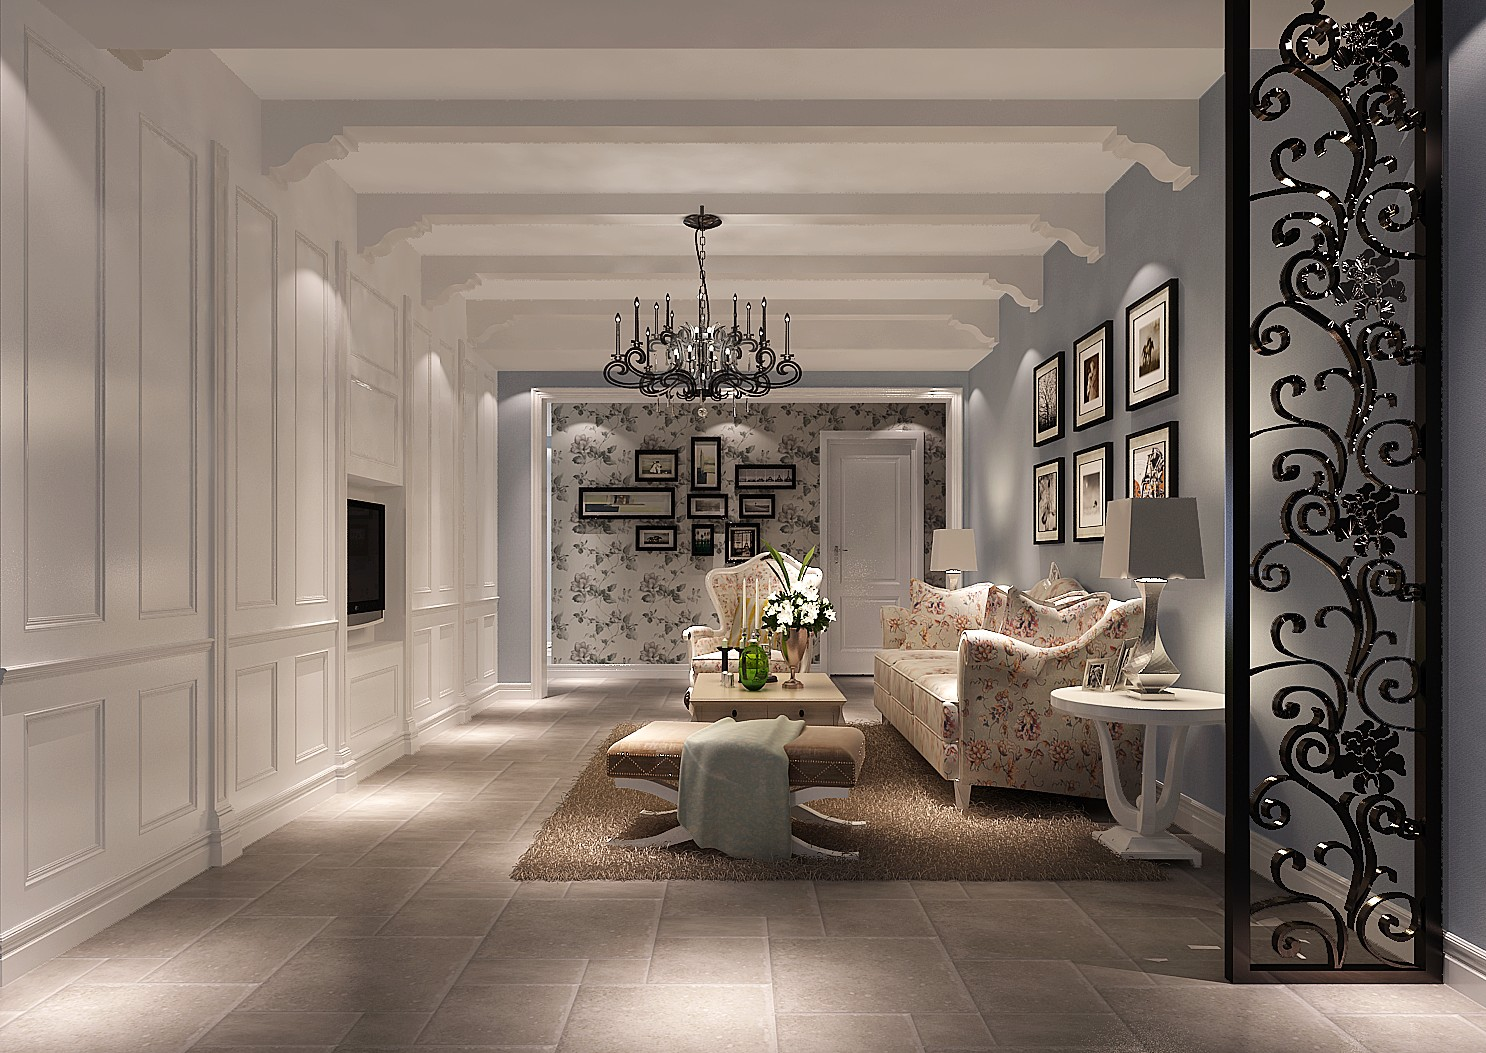 高度国际 润泽公馆 美式田园 公寓 客厅图片来自高度国际在美式田园-高度国际打造健康家居的分享